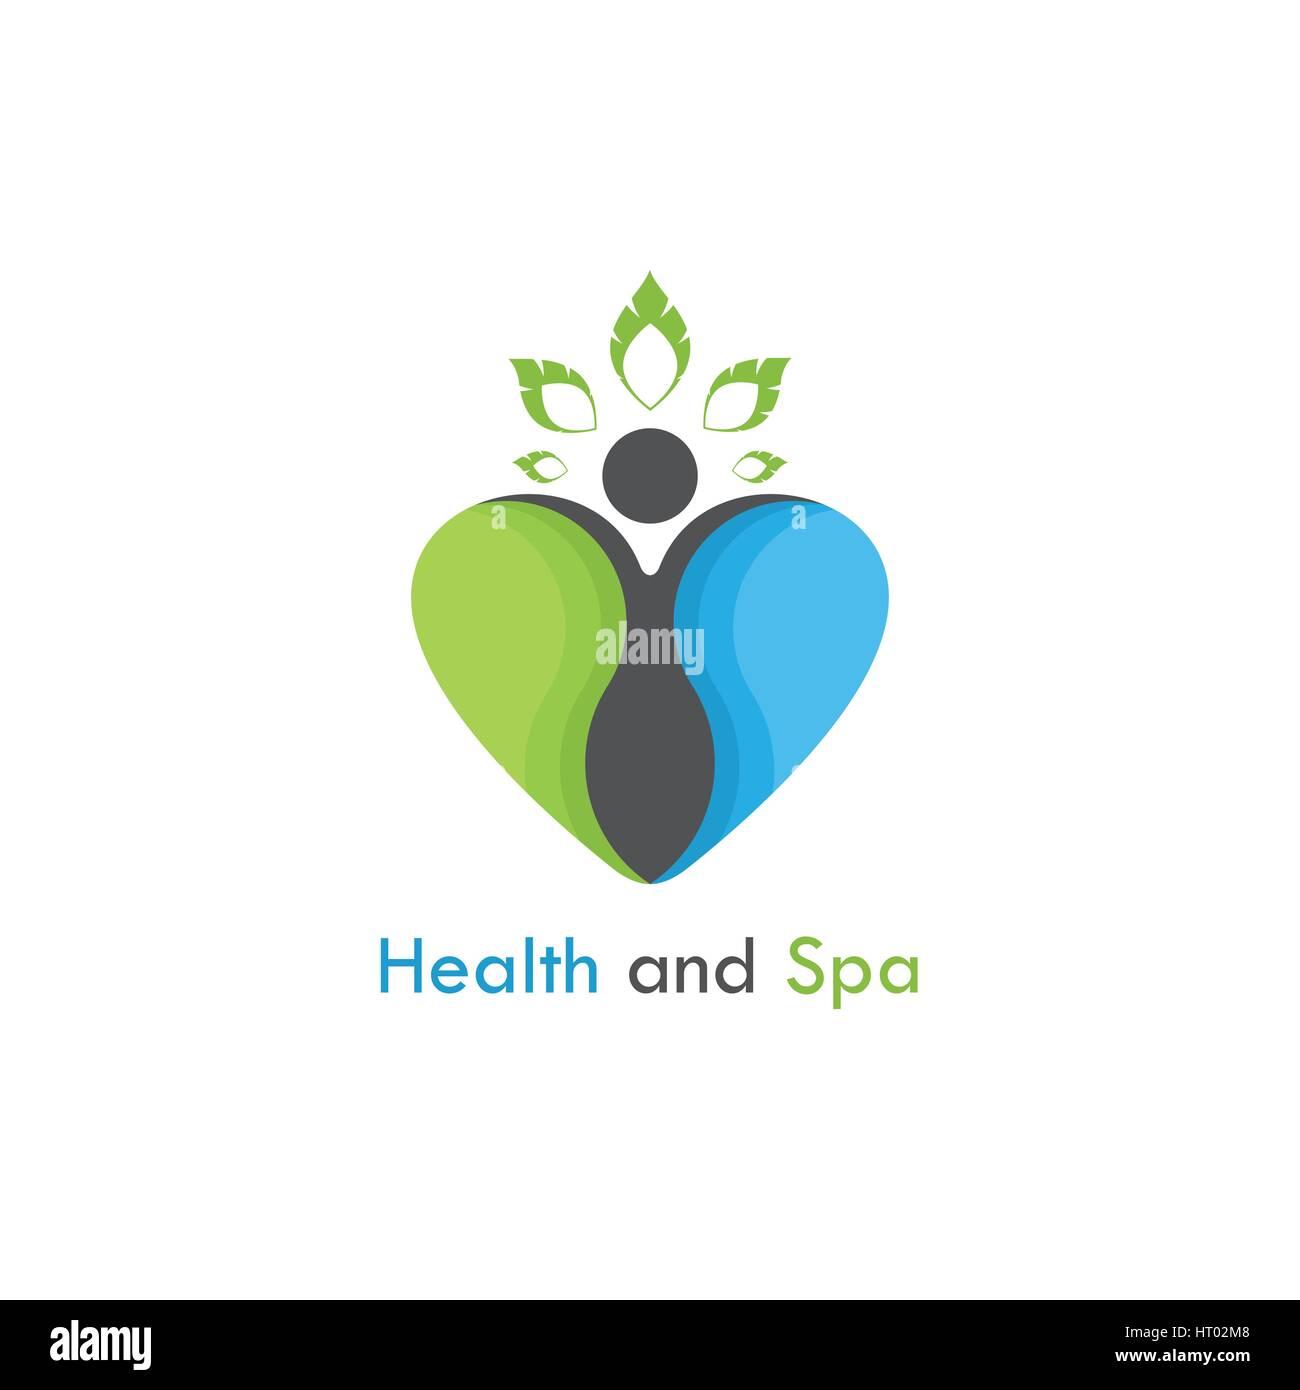 Gesundheit Spa Vektor Logo Design Vorlage Medical Healthcare